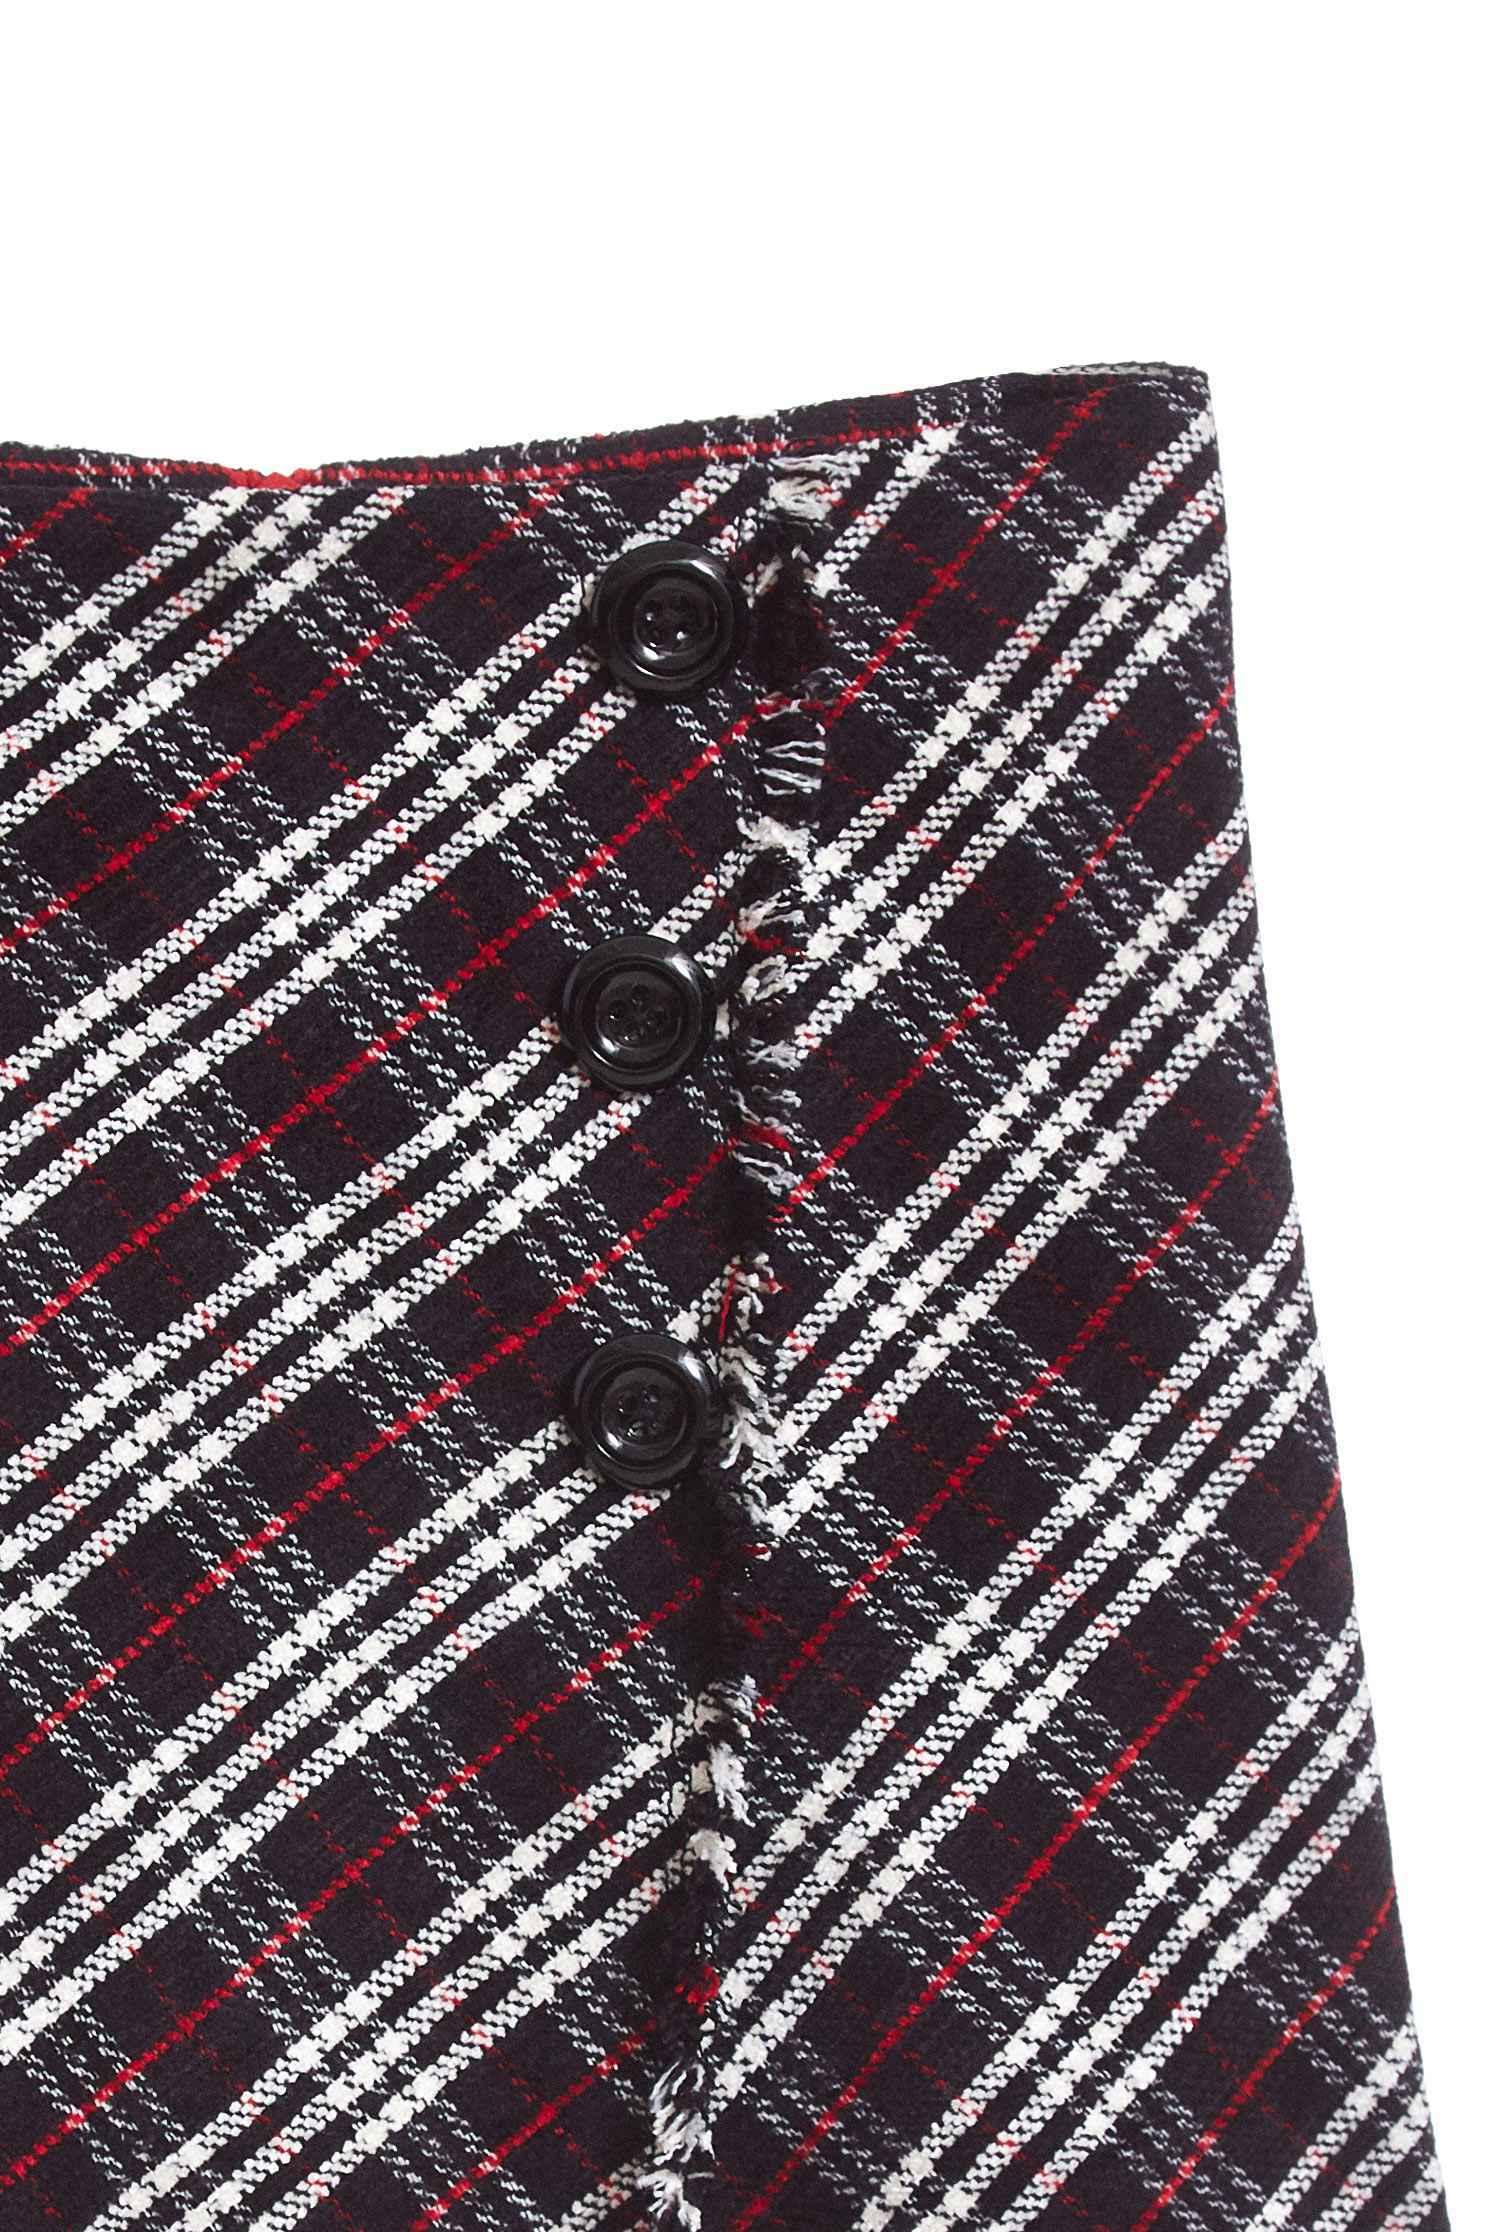 Vintage plaid classic design shorts